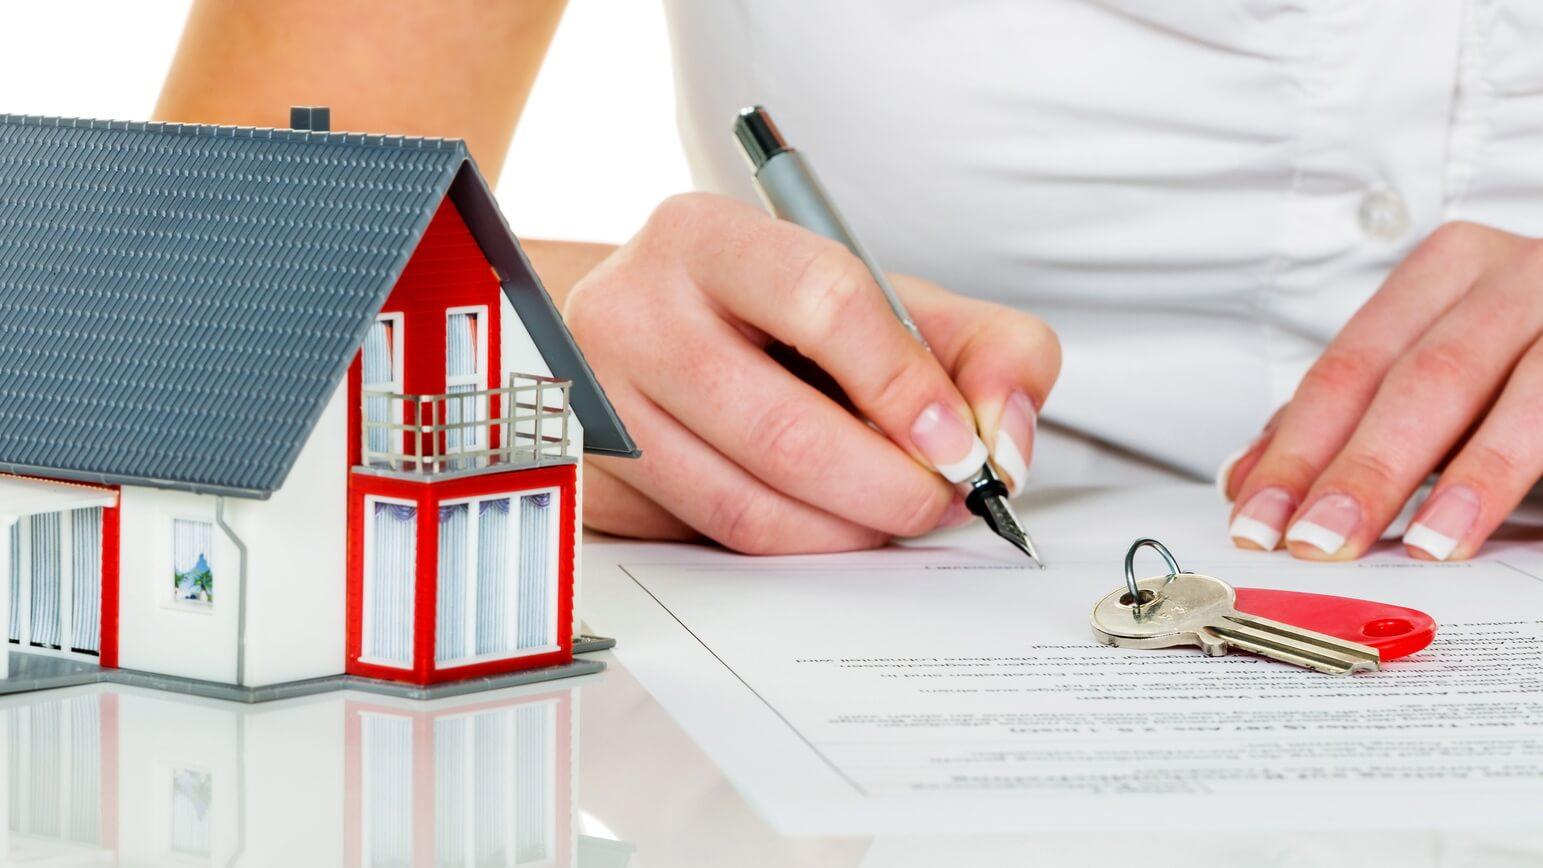 Bausparvertrag Gekündigt Kannst Du Dich Wehren